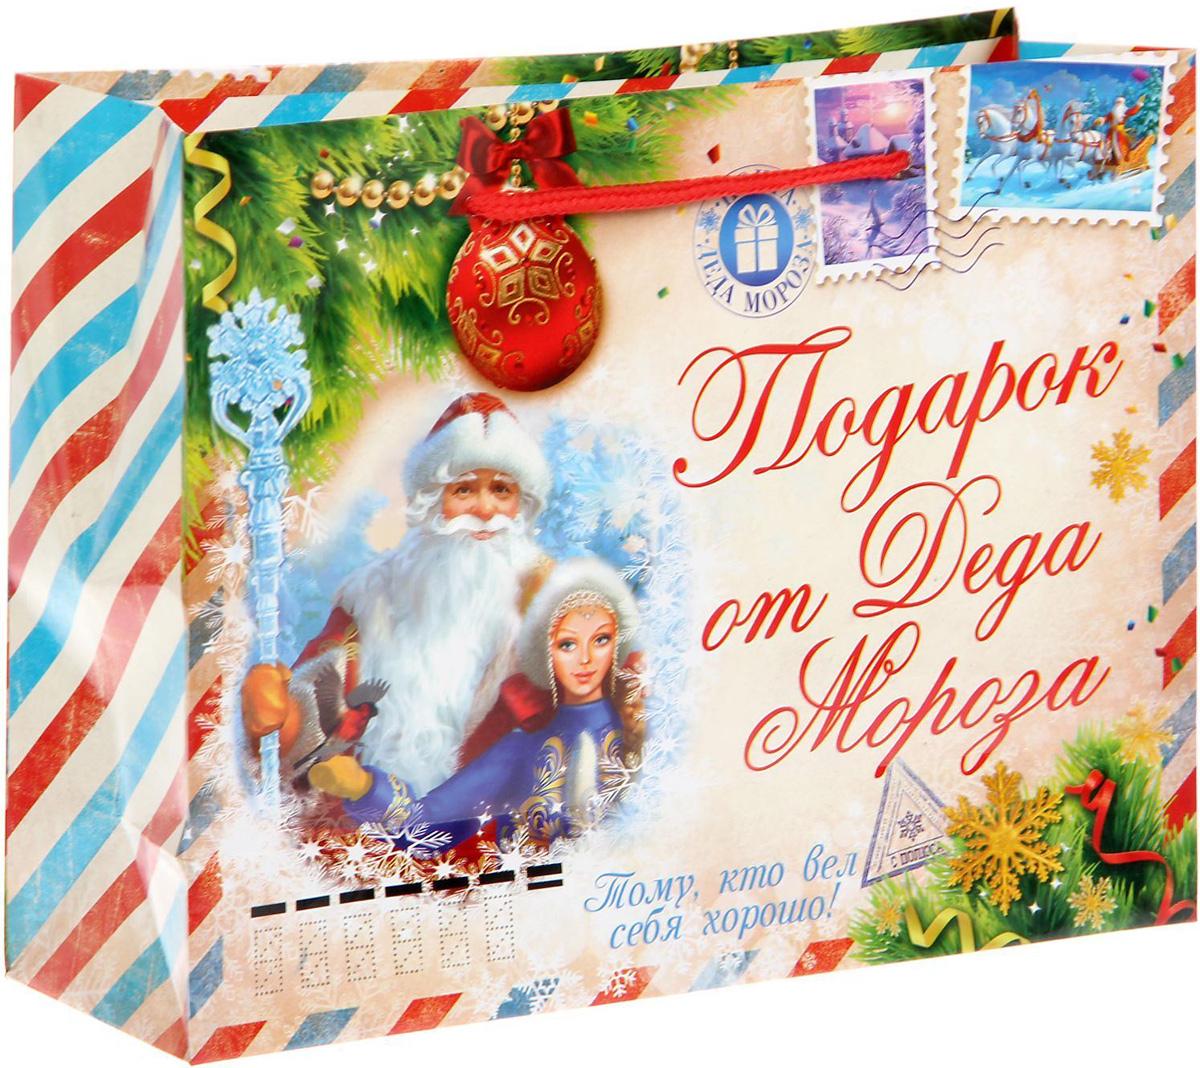 Где получить открытку от деда мороза от магнита